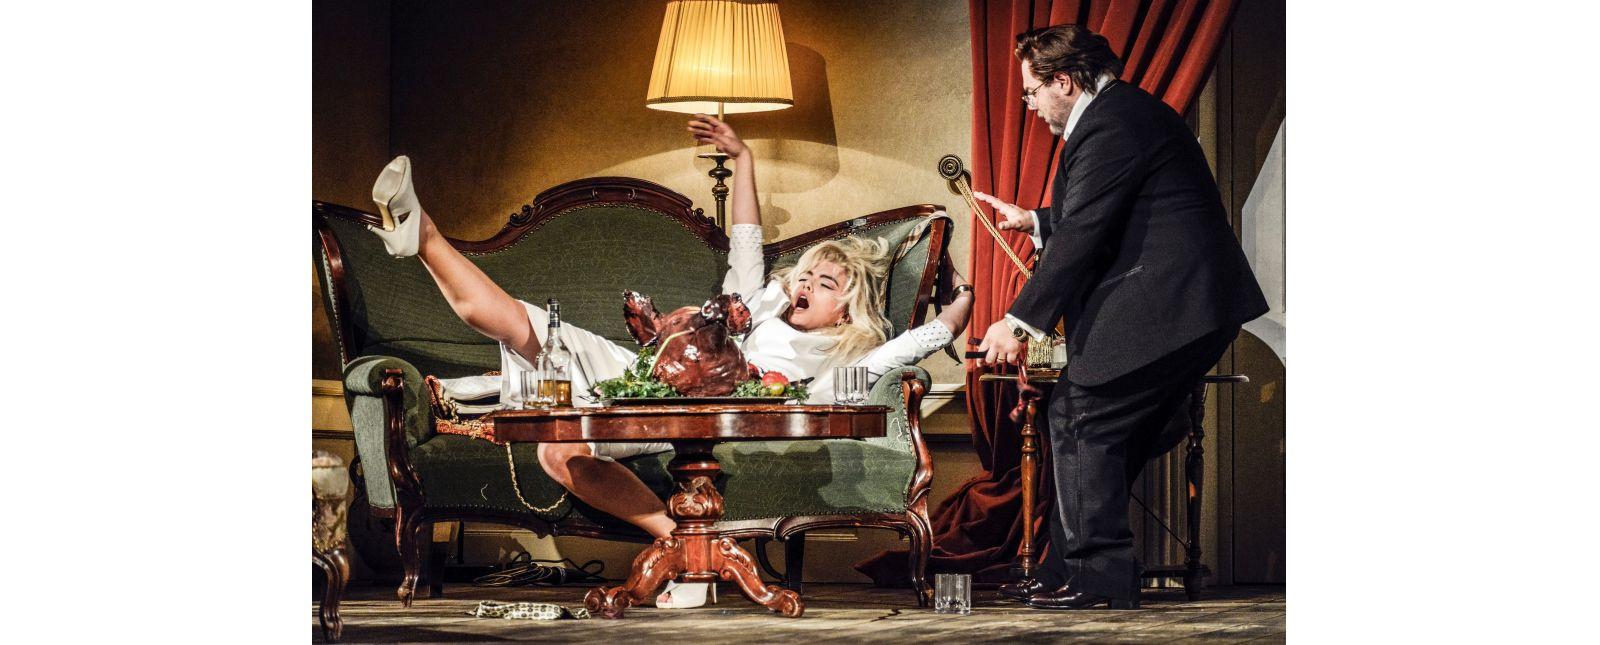 Die Fledermaus // Solen Mainguené // Roberto Gionfriddo // 2018 // Tanja Dorendorf // T+T Fotografie